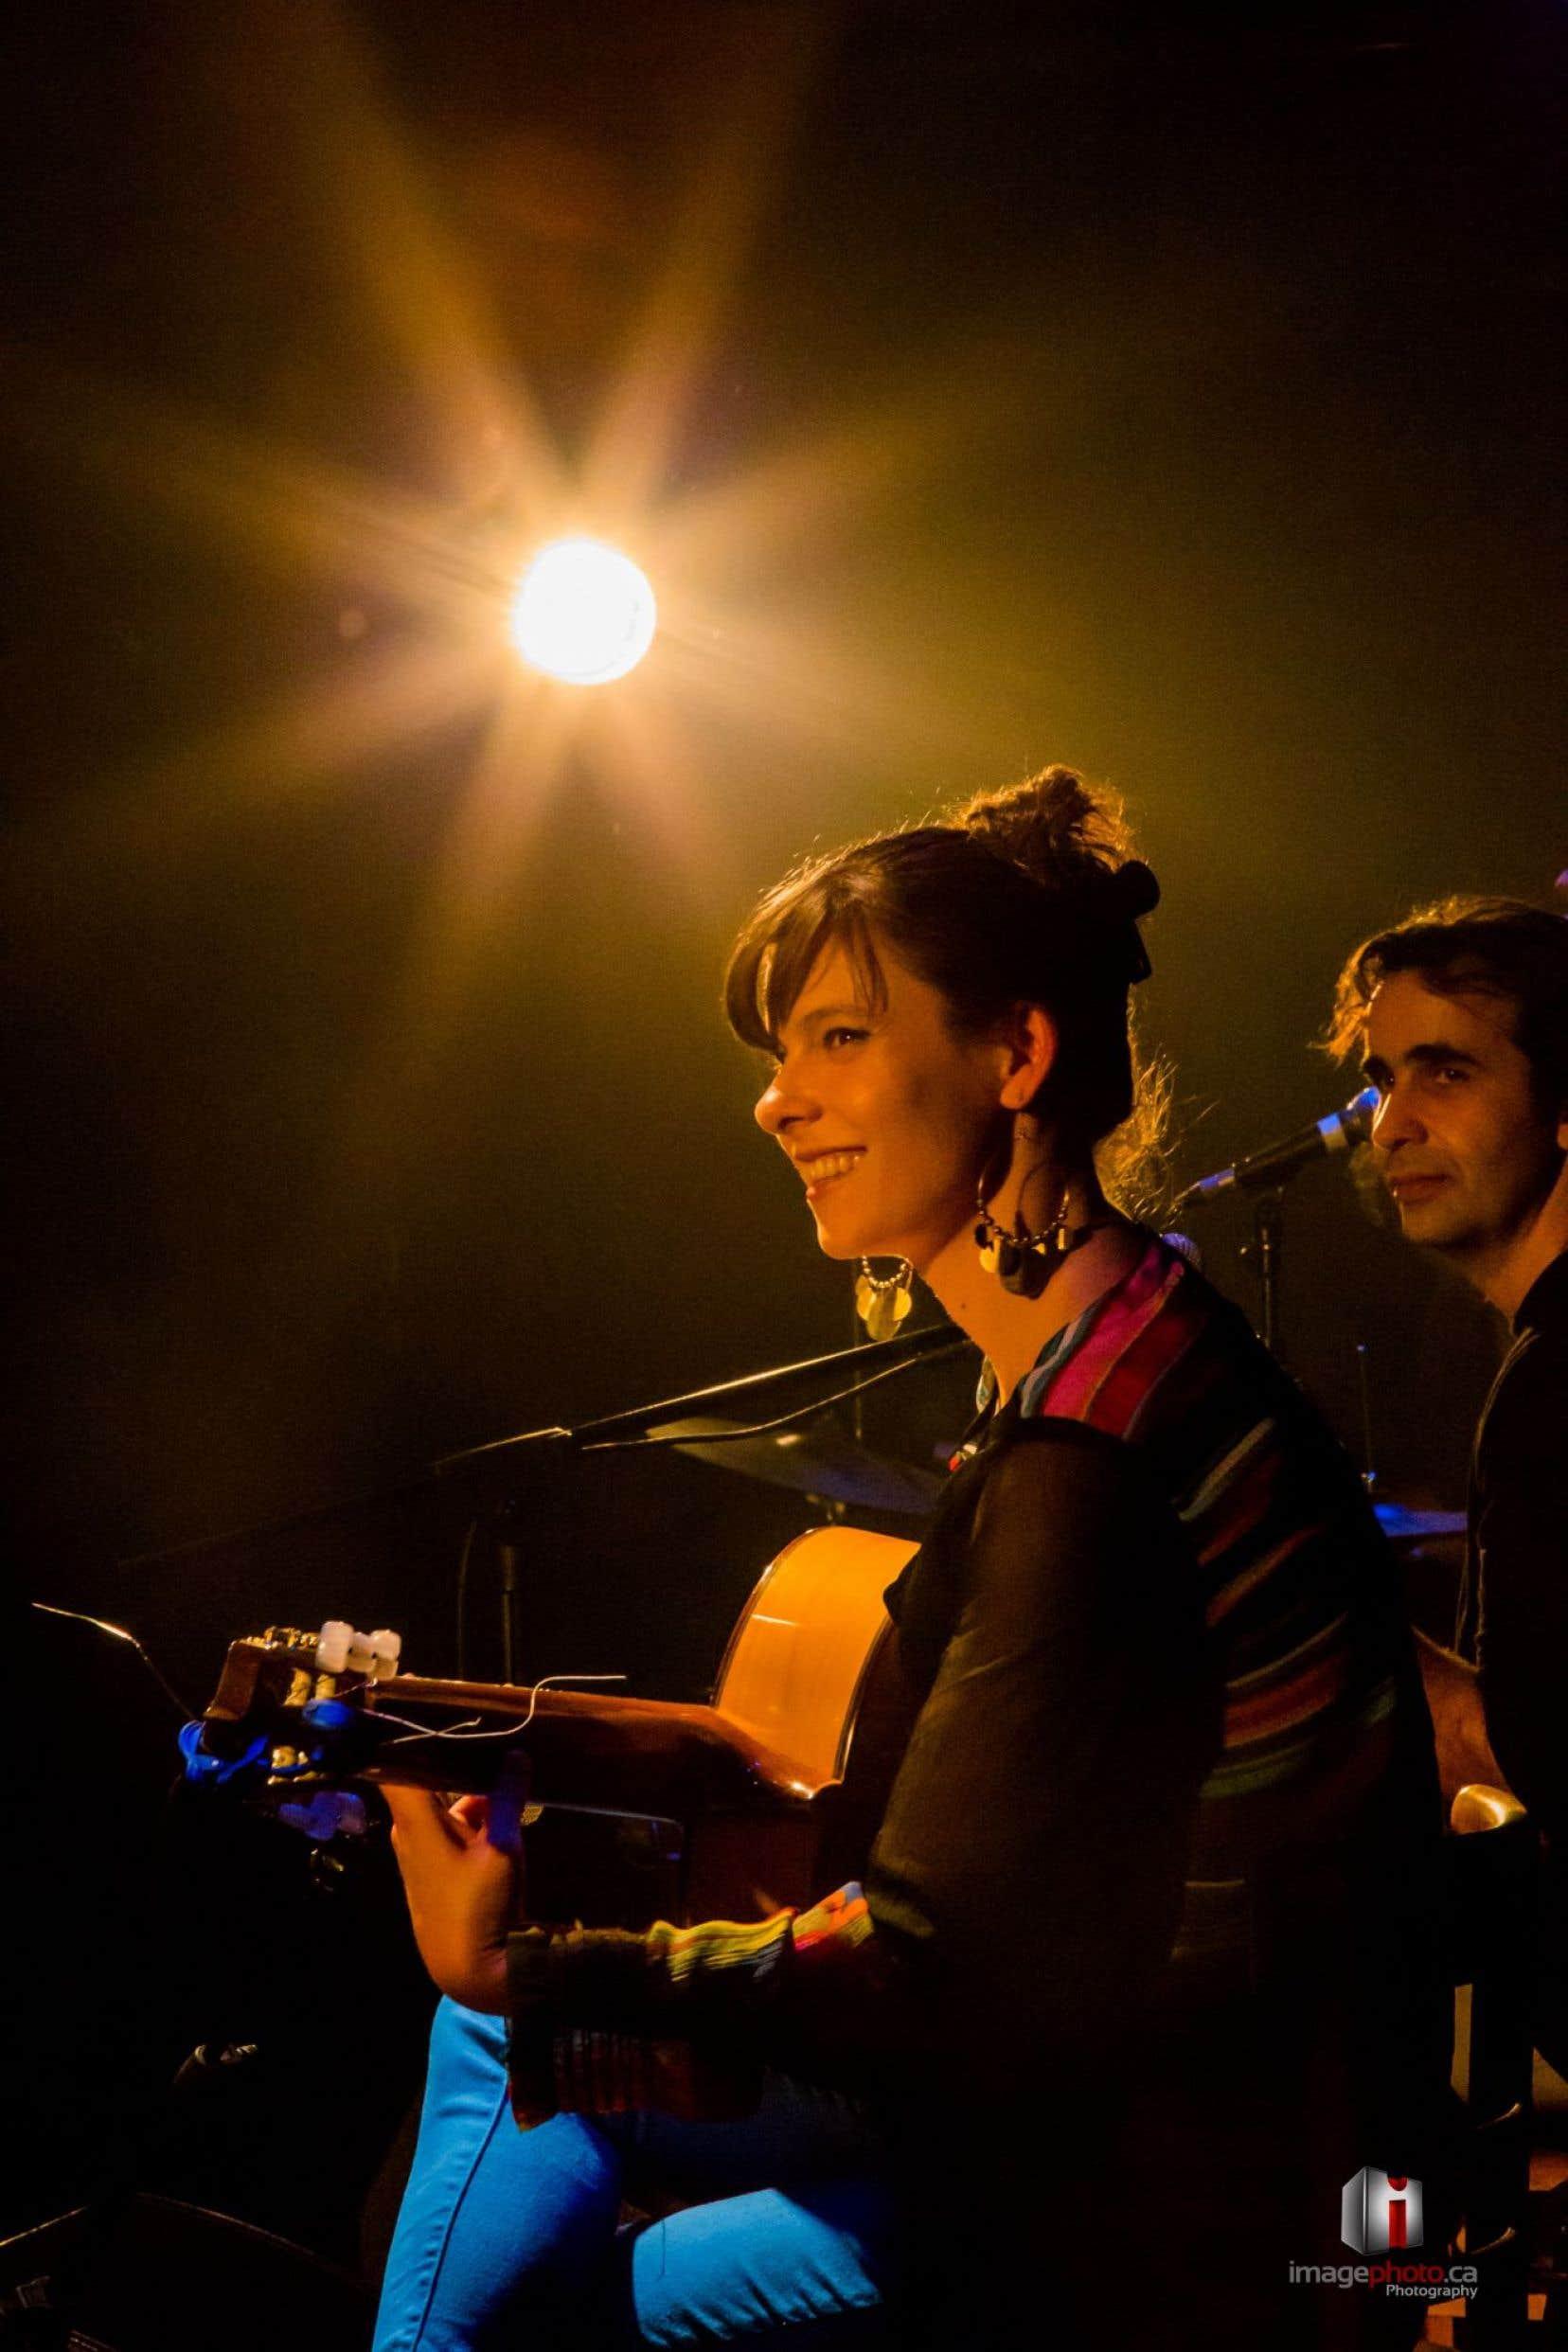 Caroline Planté, grande guitariste de renommée internationale, avait pourtant l'air toute petite sur scène.